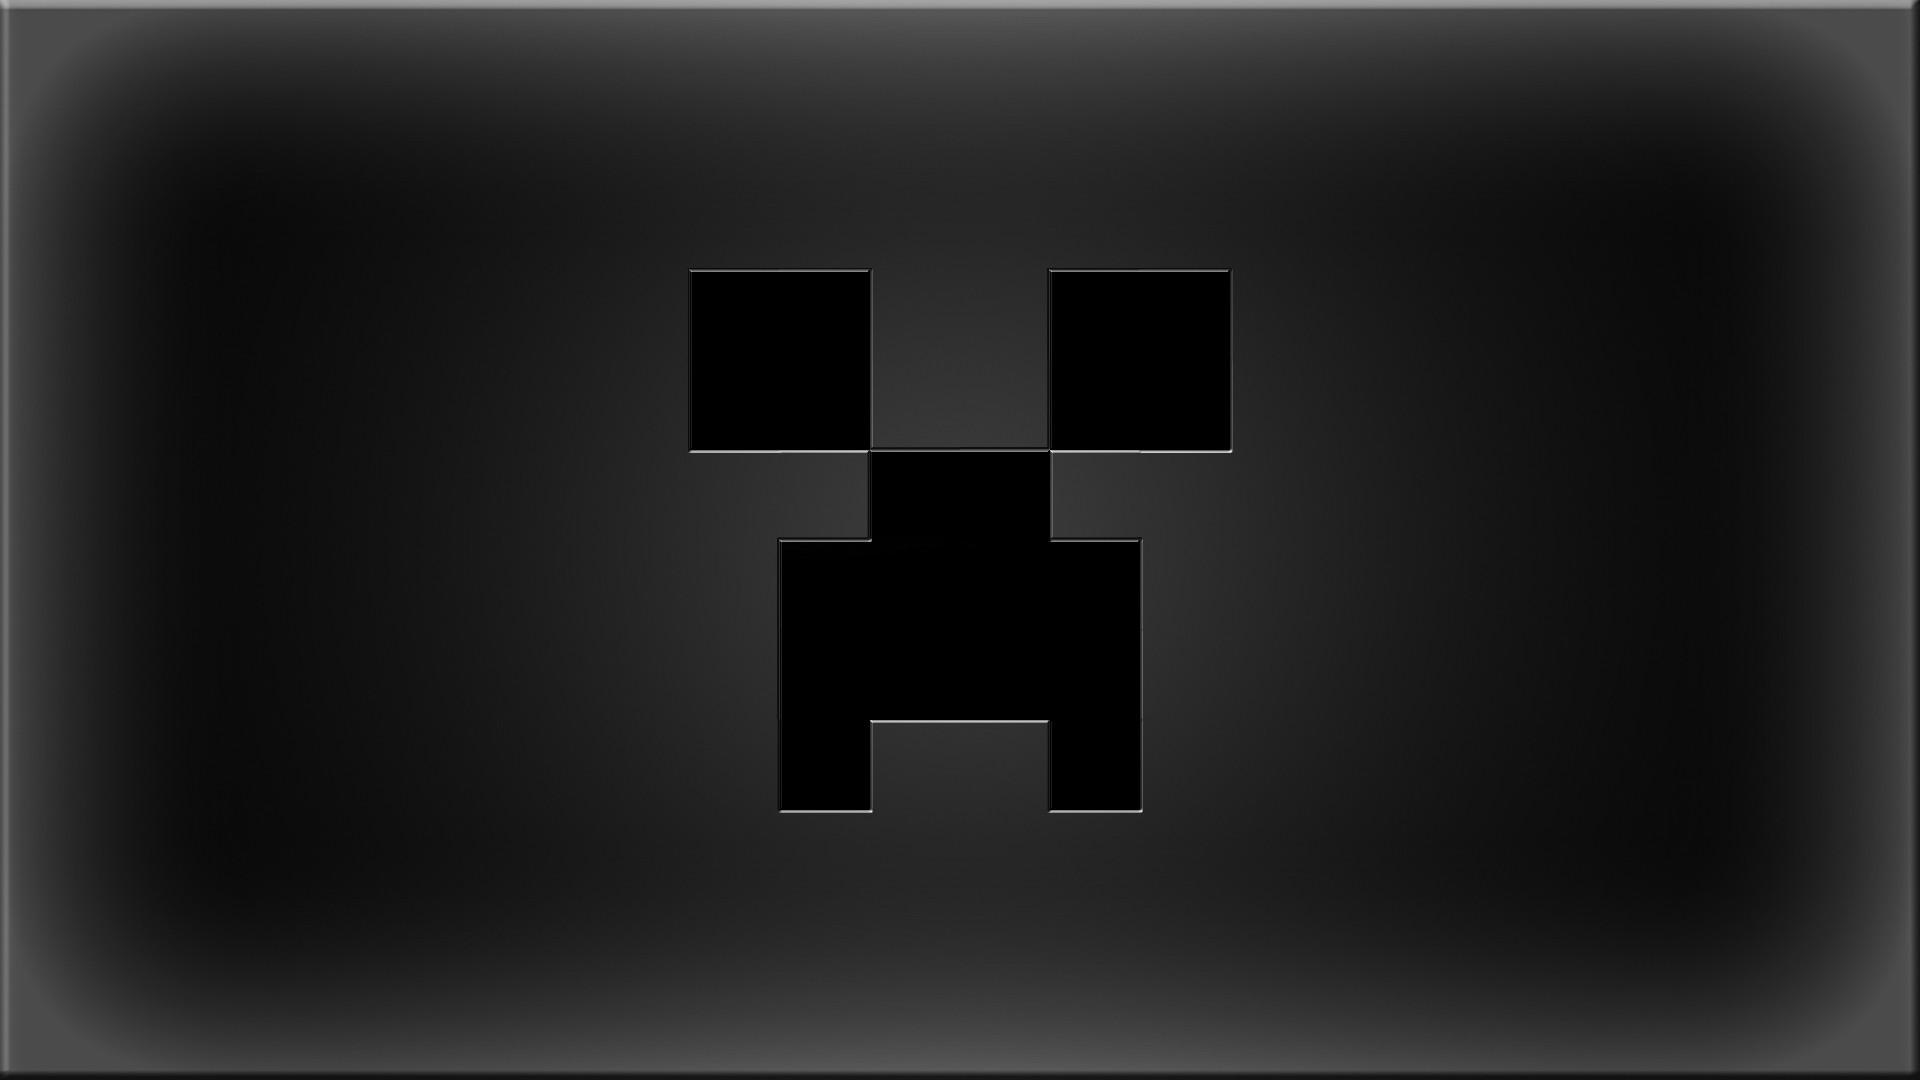 1920x1080 free Creeper Minecraft wallpaper, resolution : 1280 x tags:  Creeper, Minecraft. Download